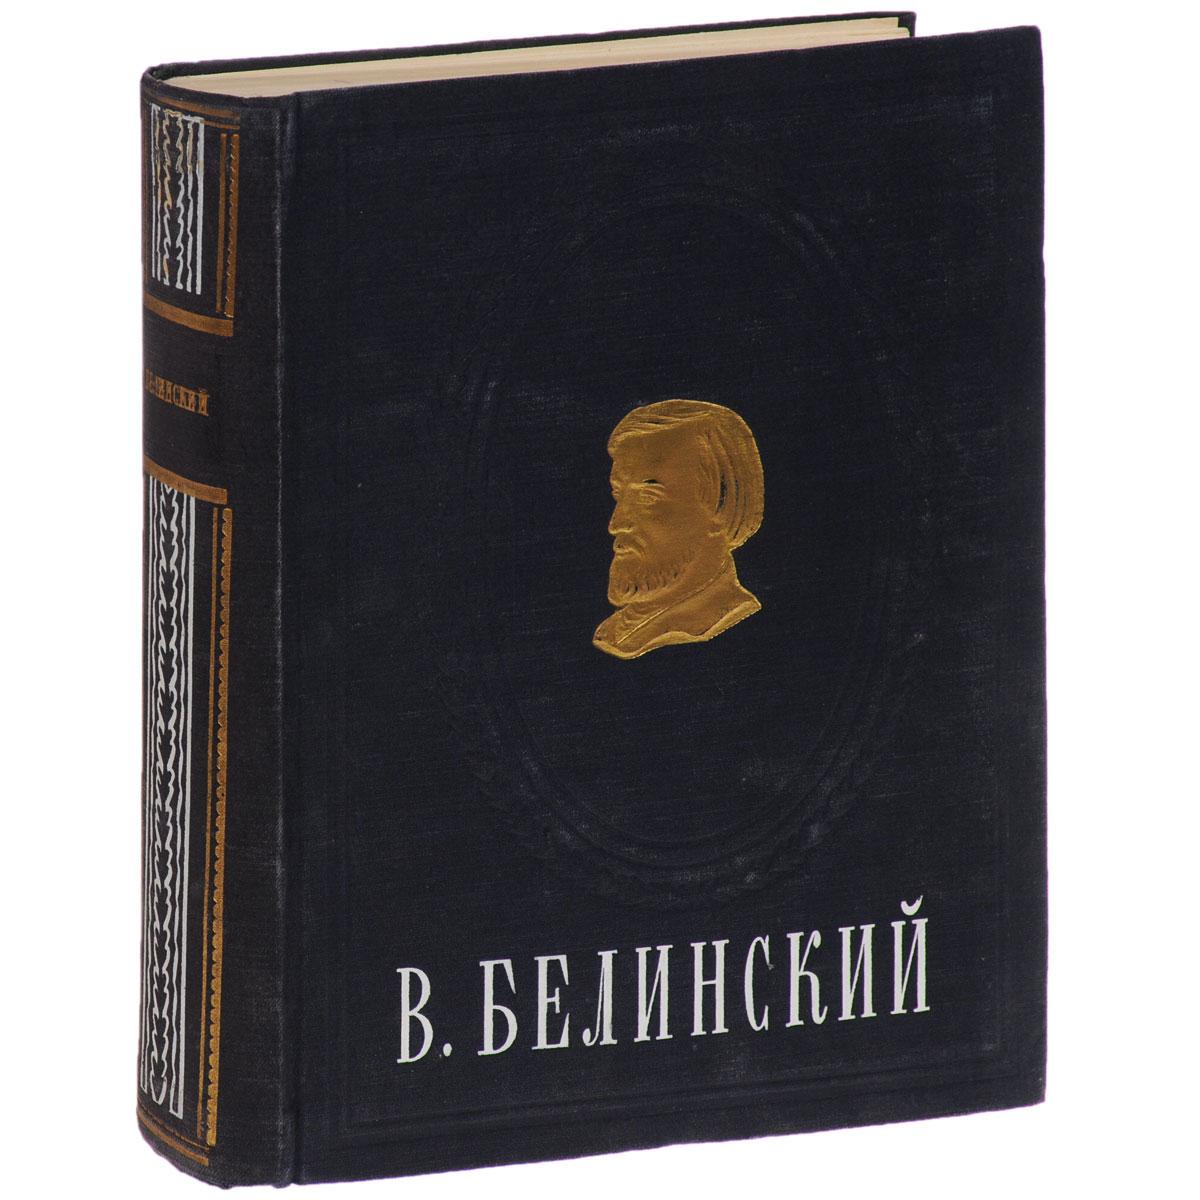 В. Белинский. Сочинения в одном томе колымские рассказы в одном томе эксмо